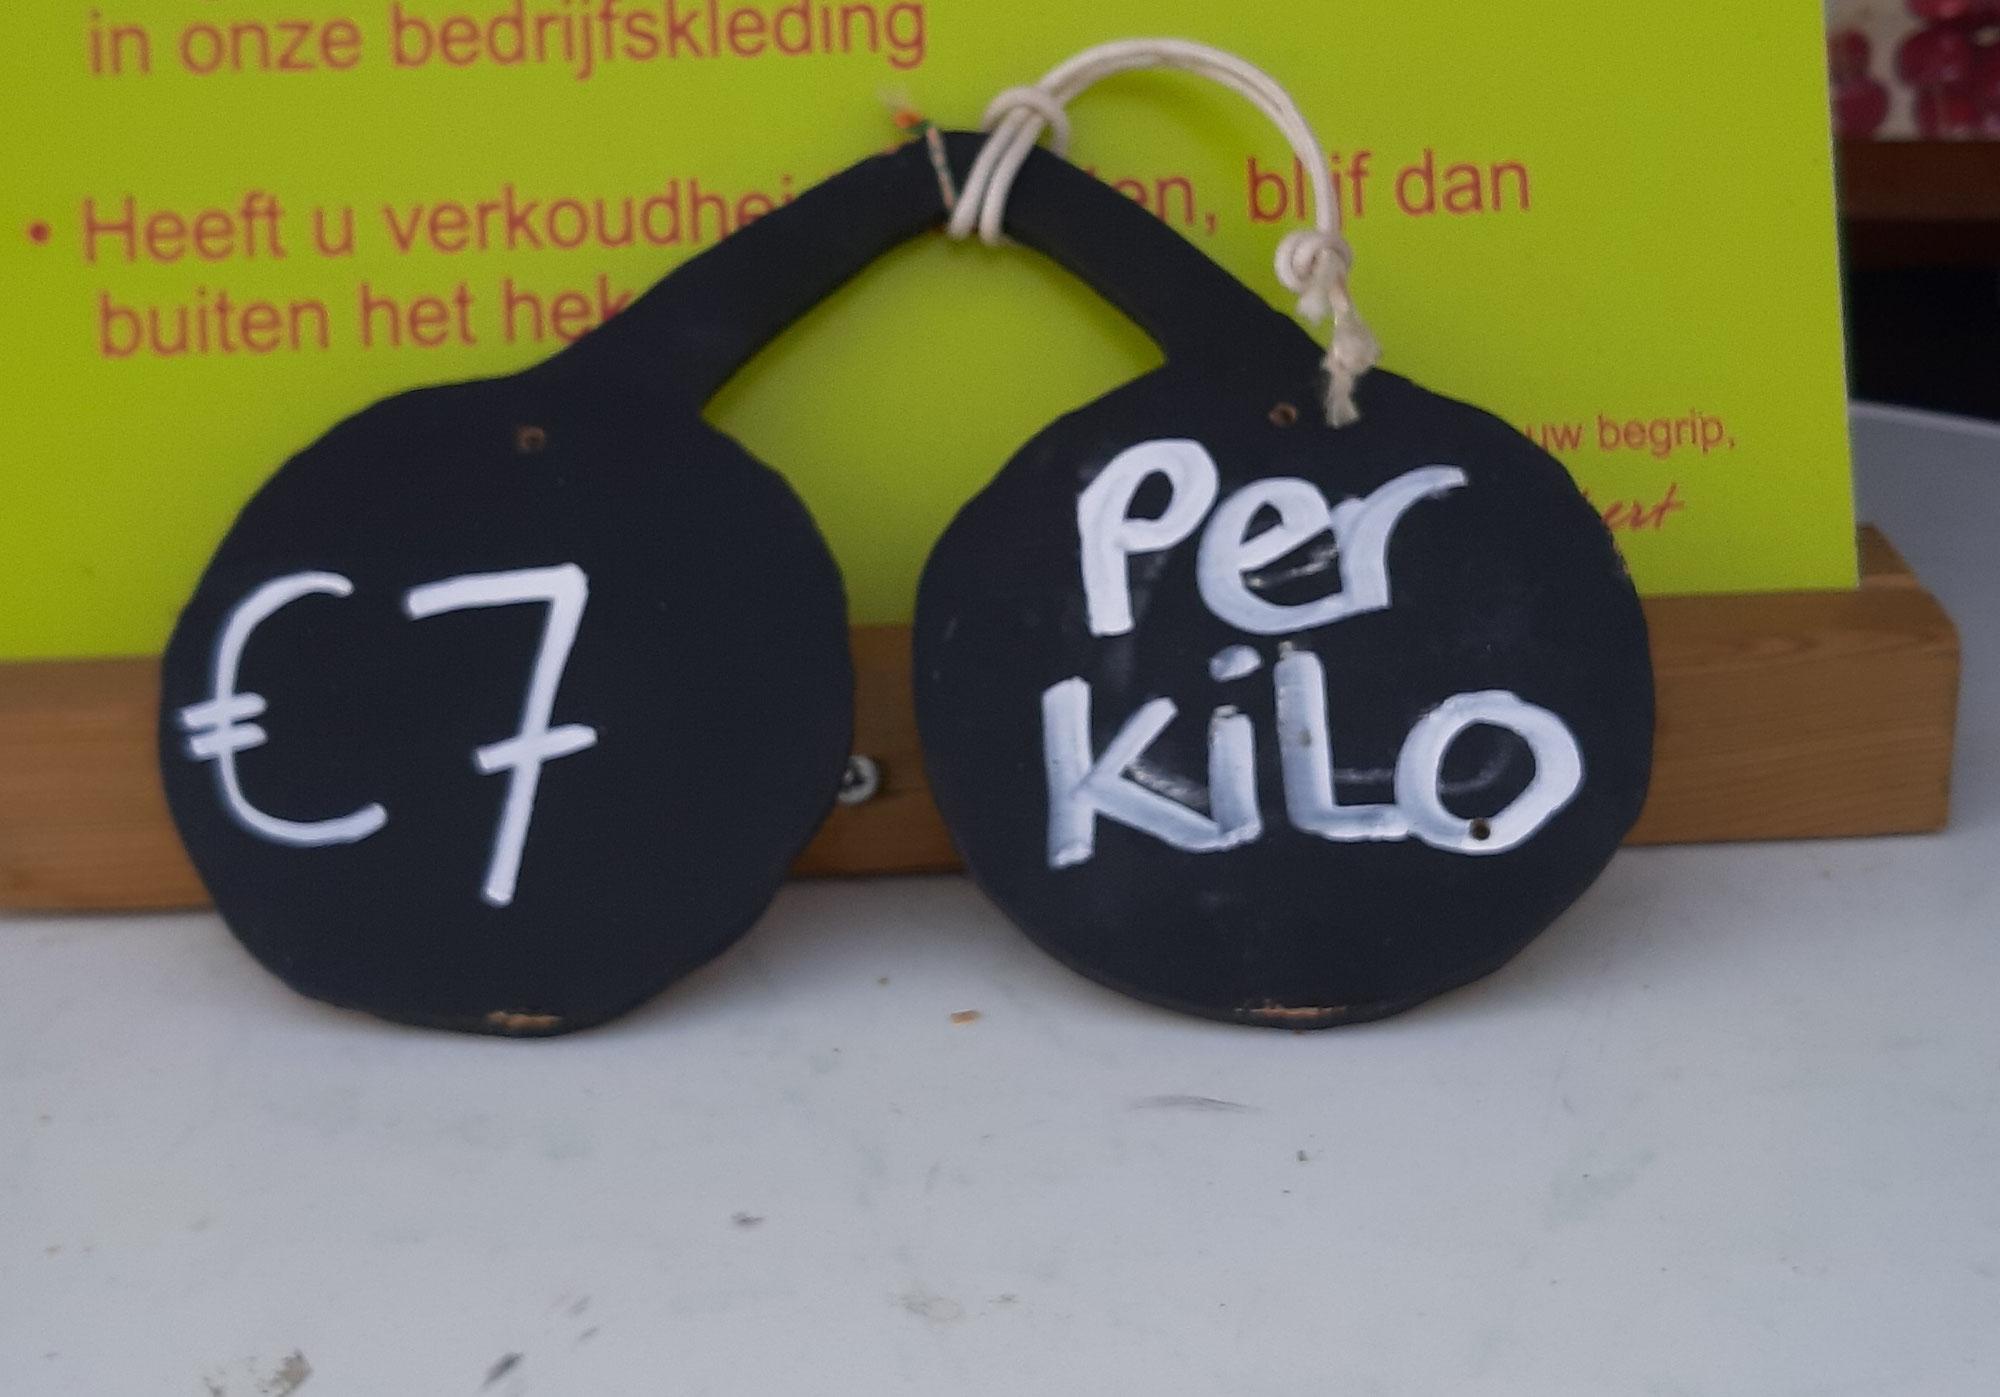 Aanpassing kilo prijs naar € 7,-